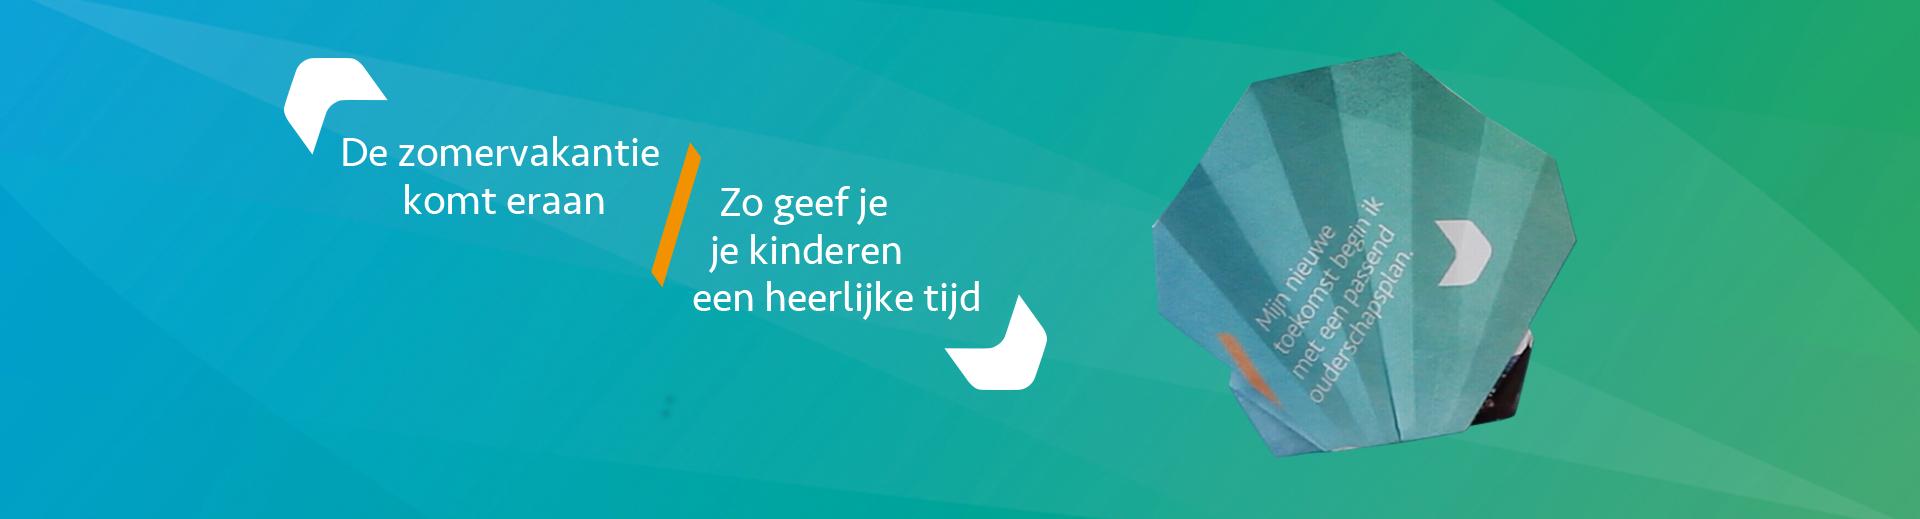 Op vakantie na of tijdens de scheiding - Scheidingsplanner Hilversum | Bilthoven | Soest | 't Gooi